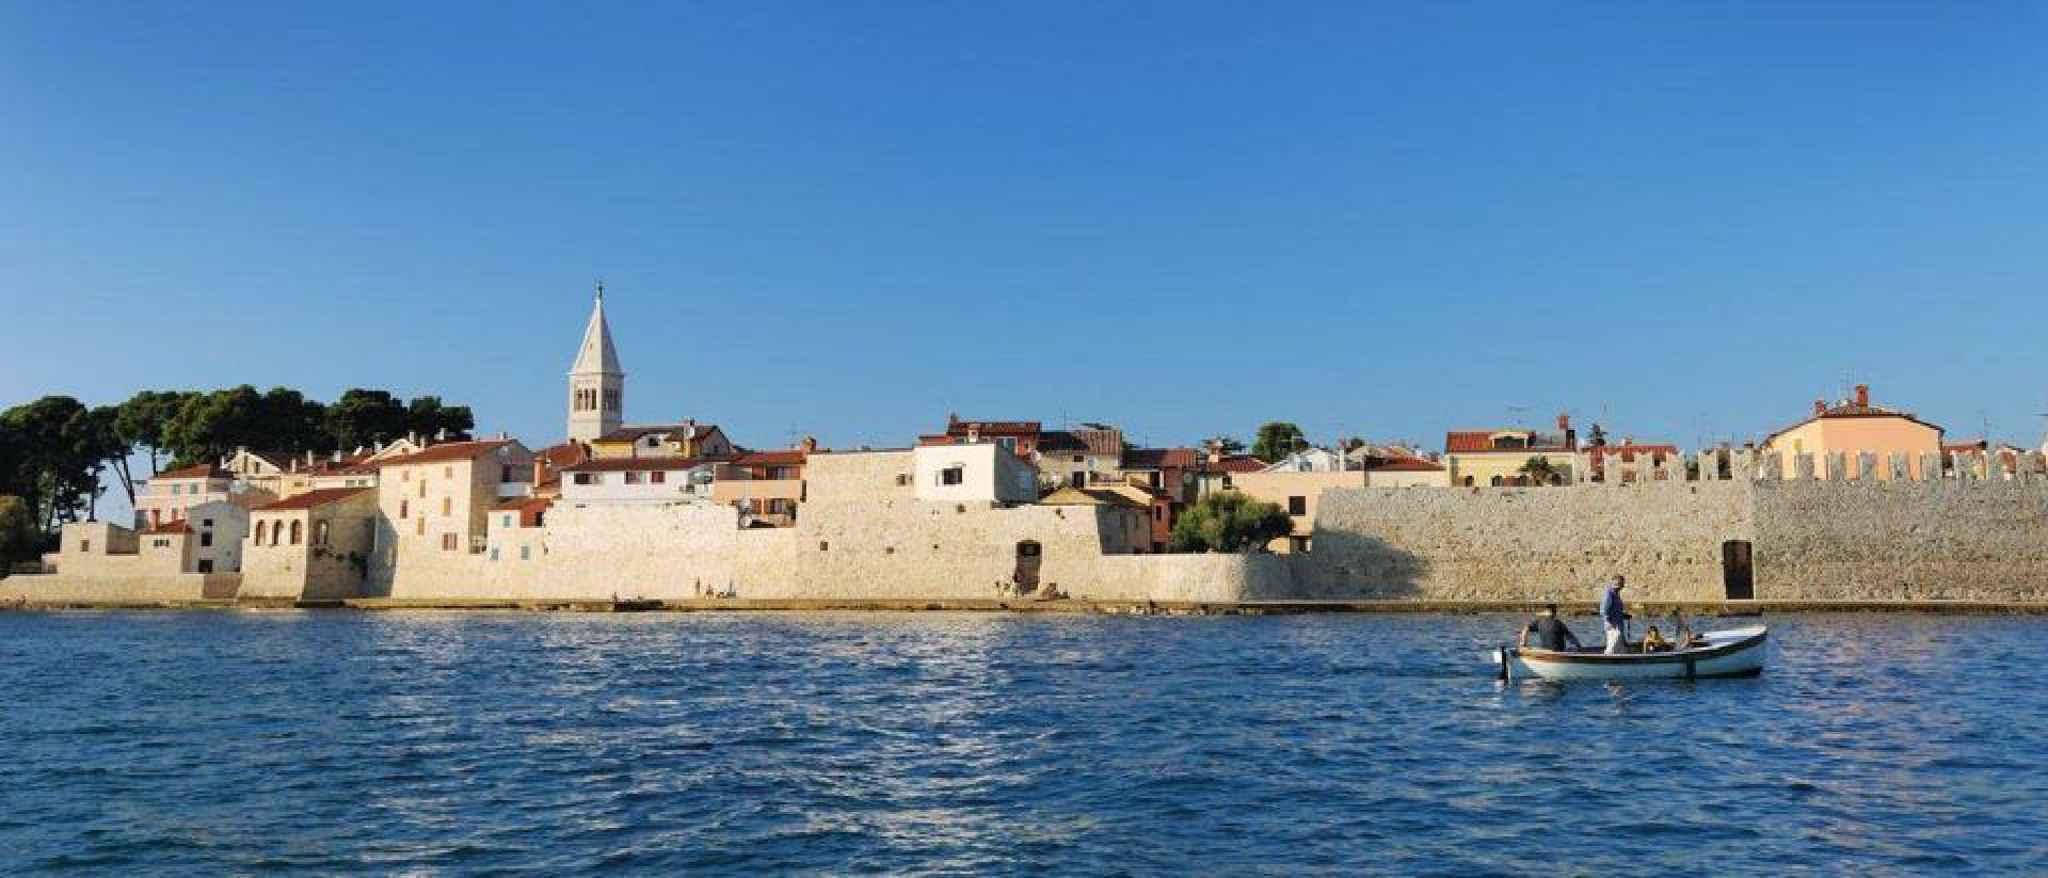 Ferienwohnung nur 50 m zur Adria (278904), Zadar, , Dalmatien, Kroatien, Bild 28